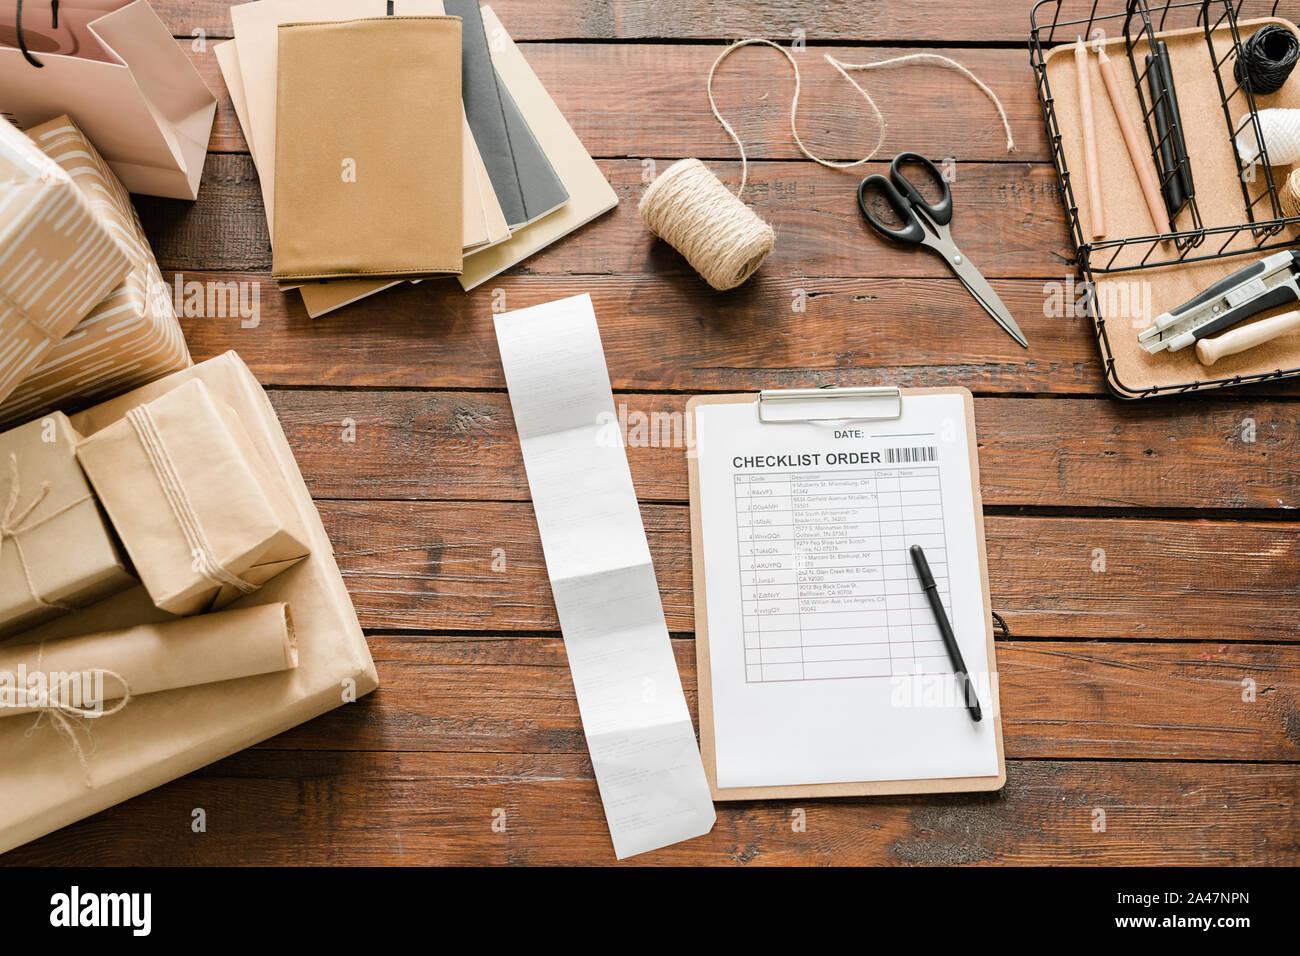 Blick von oben auf die Checkliste um die verpackten Geschenke und verpacken Produkte umgeben Stockfoto